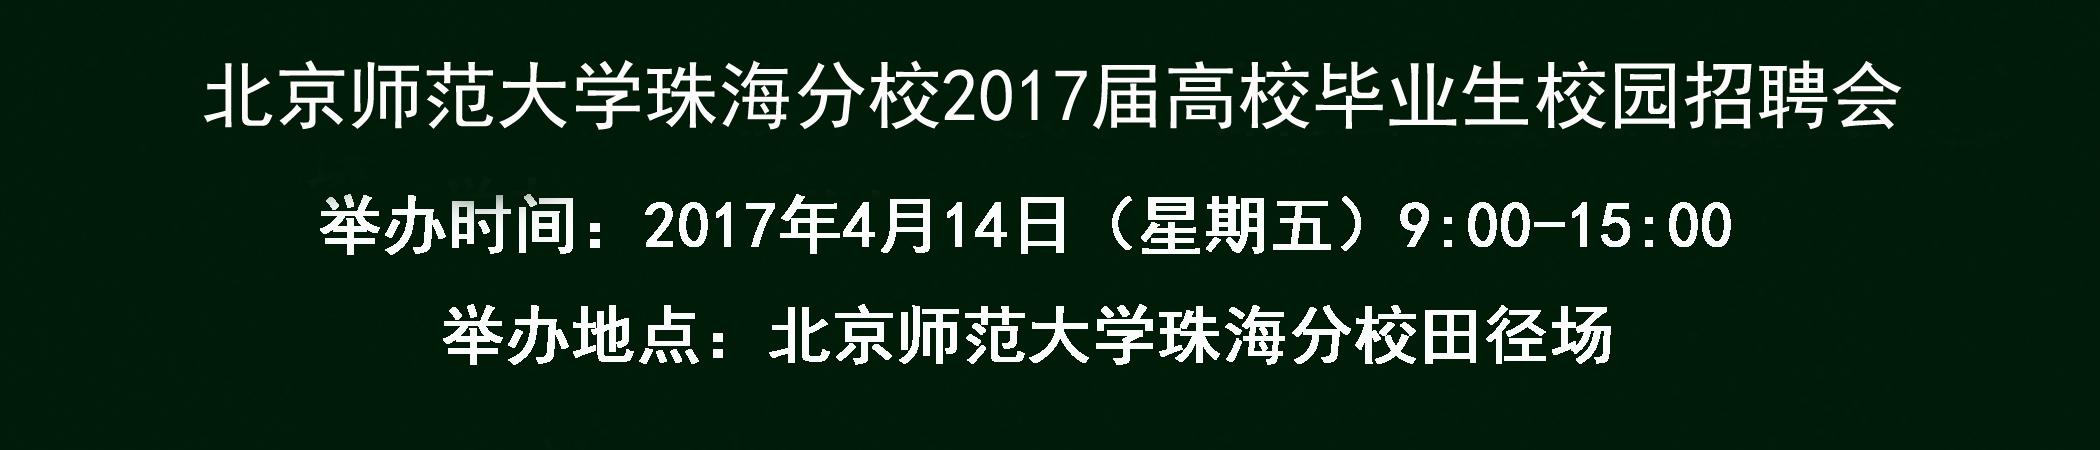 北京师范大学珠海分校2017届高校毕业生校园招聘会邀请函